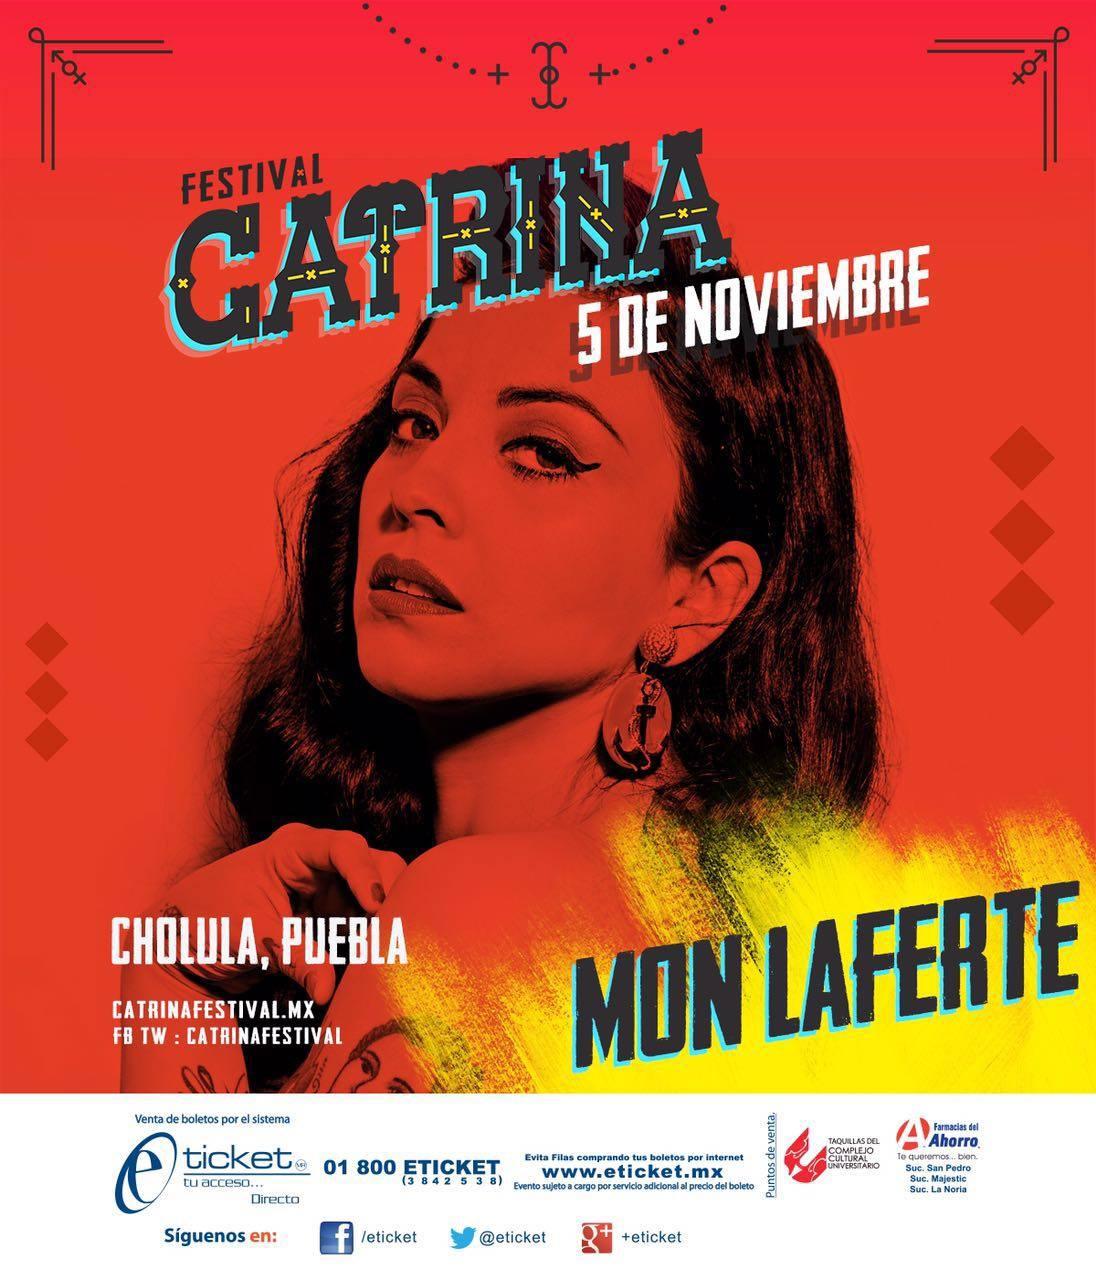 Festival Catrina 5 de NOVIEMBRE Cholula Puebla | Liv